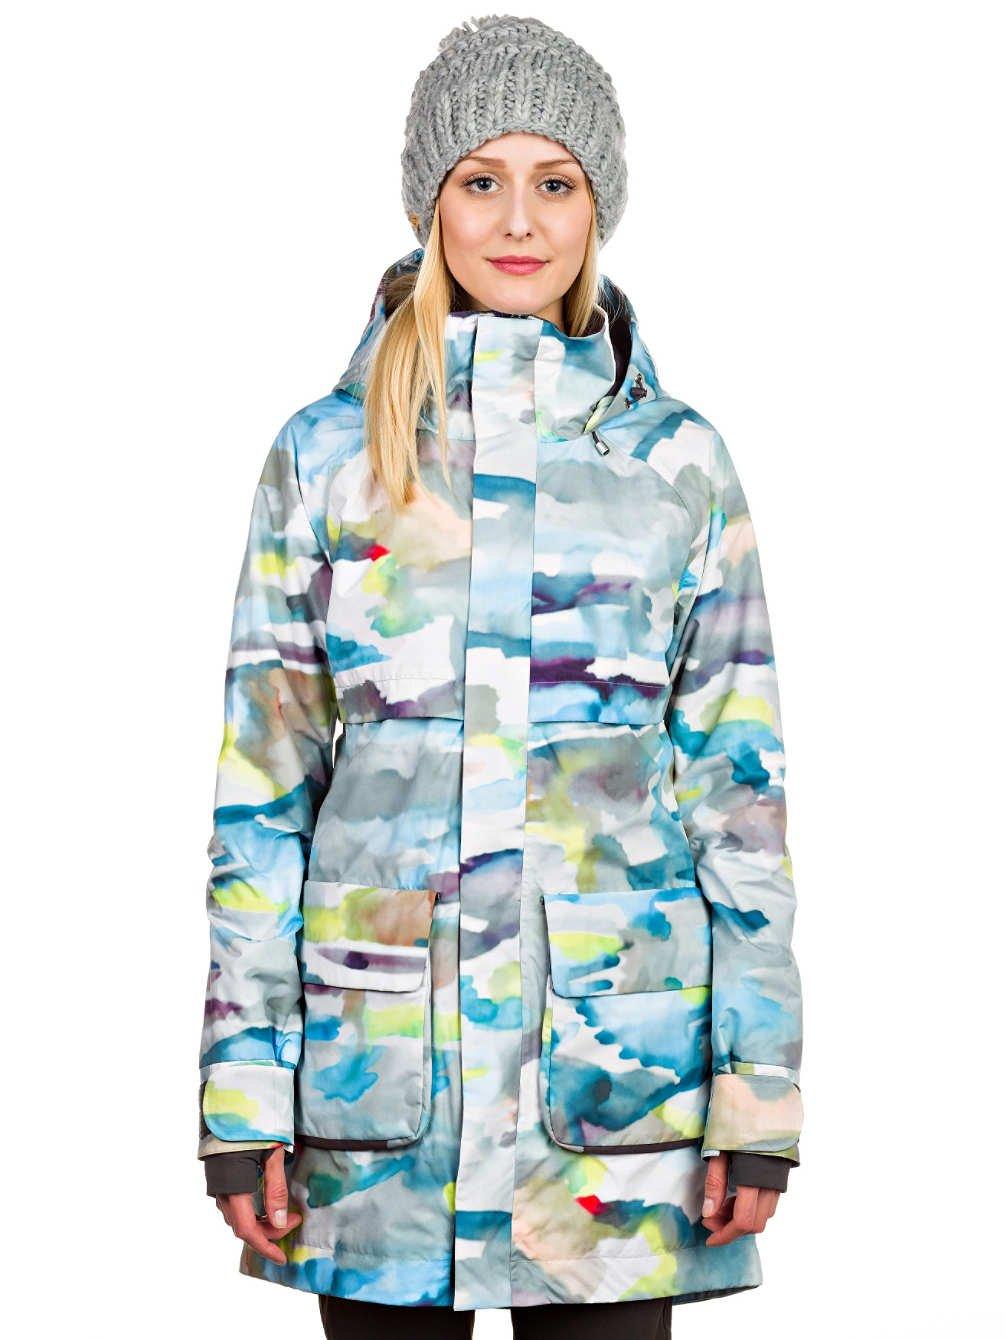 Burton MIRAGE Jacke 2016 watercolor/holbrook günstig online kaufen